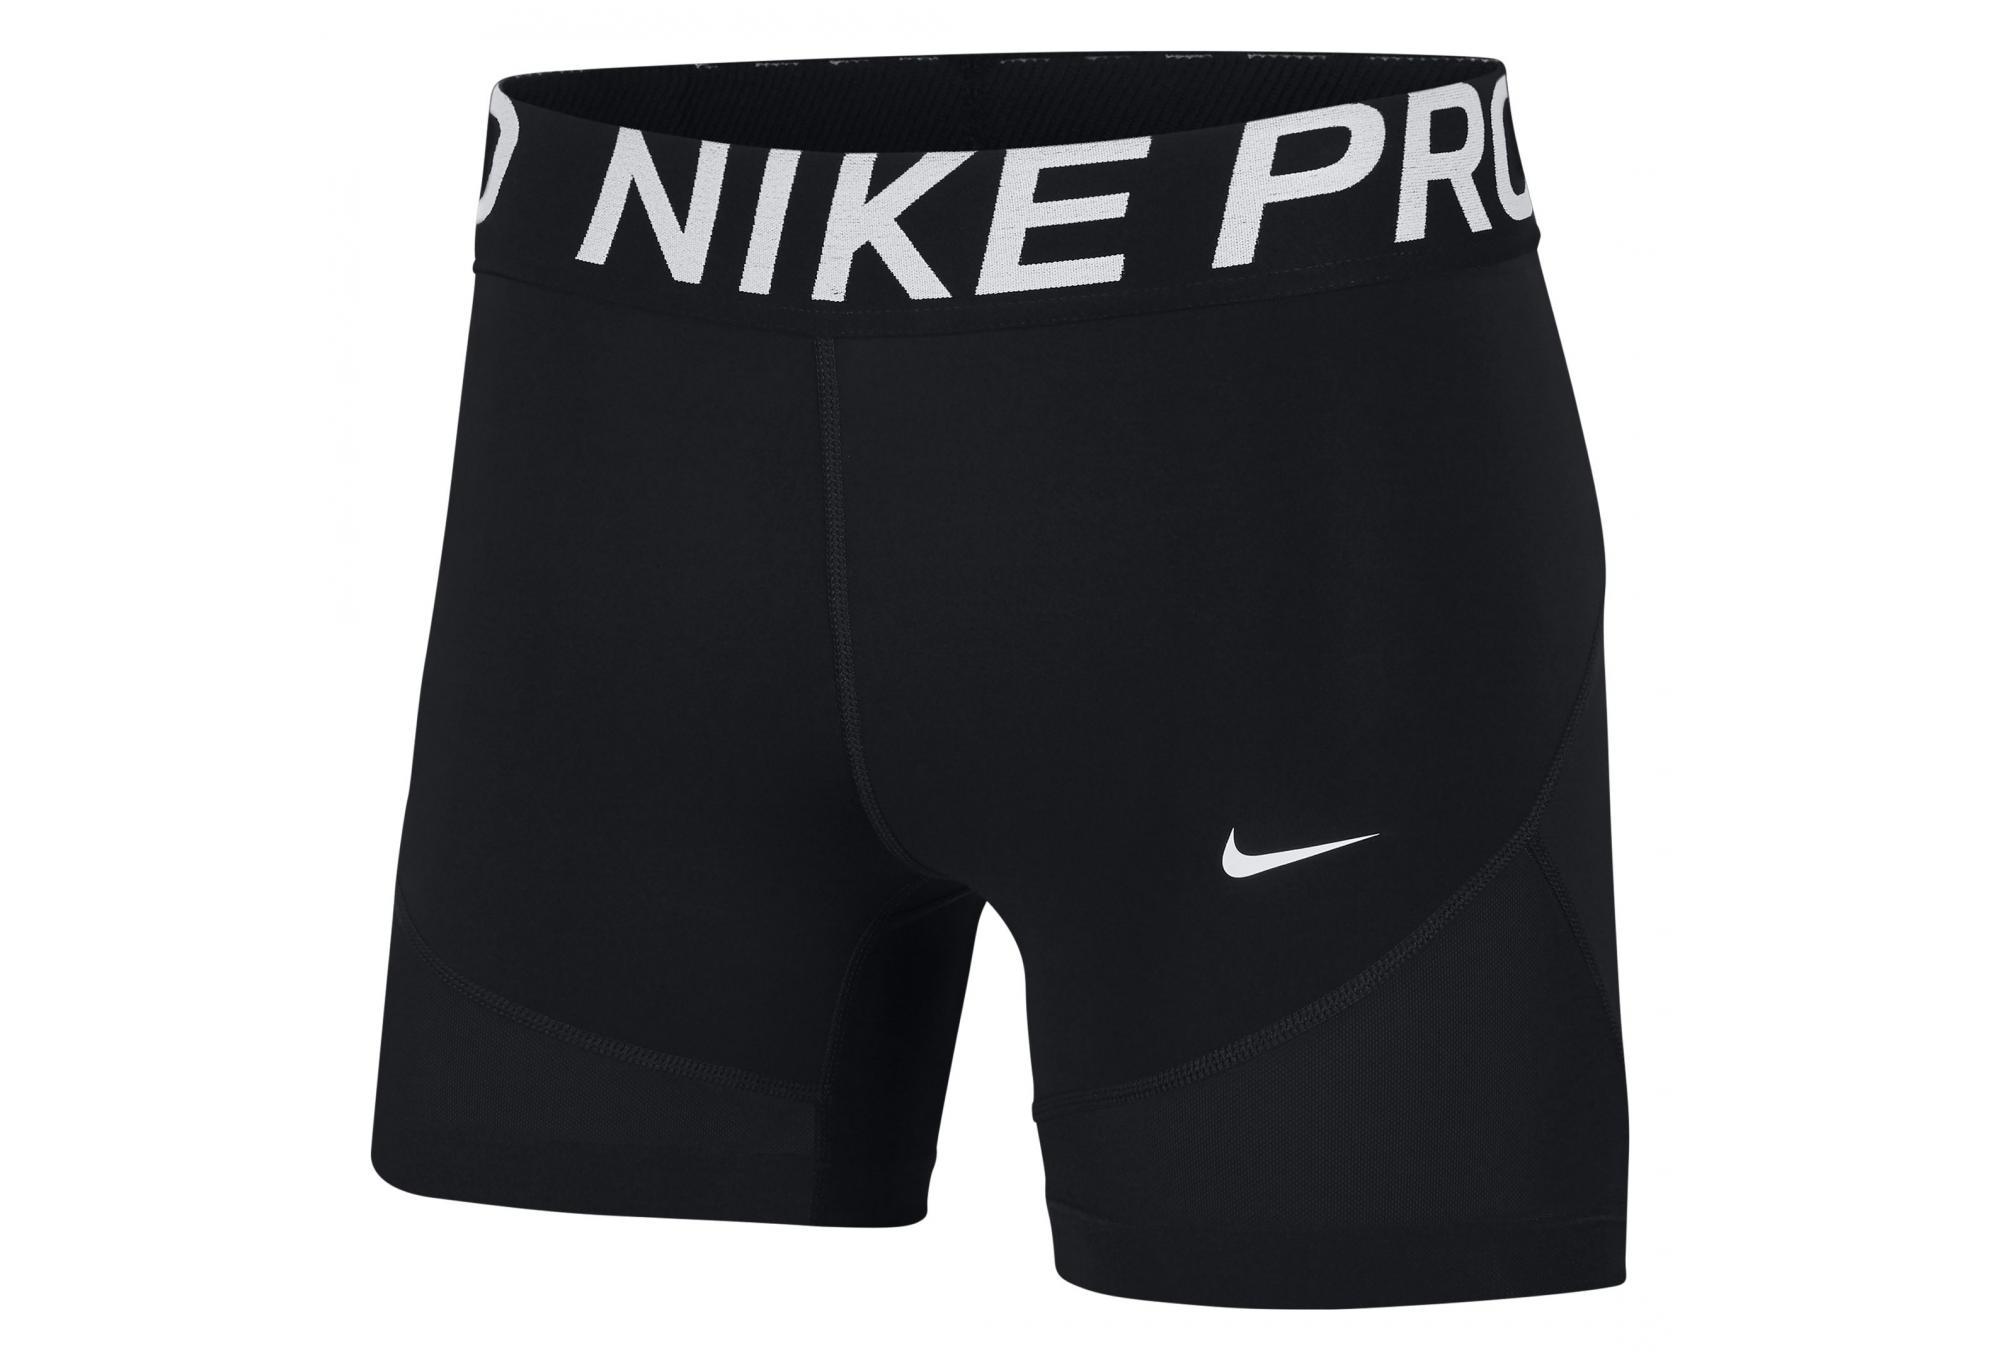 Mini short Femme Nike Pro 13cm Noir